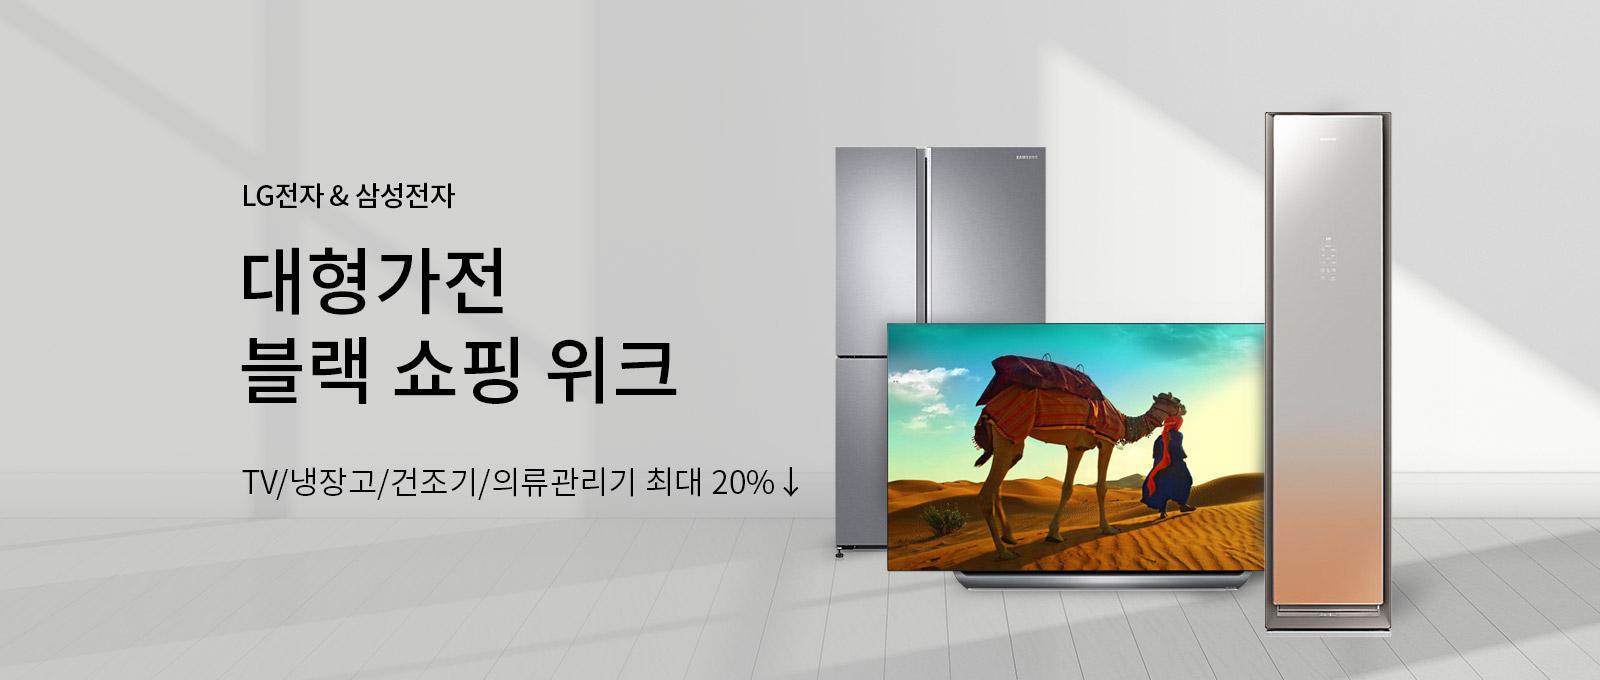 LG전자/삼성전자 대형가전 블랙 쇼핑 위크 TV/냉장고/건조기/의류관리기 최대 20%↓